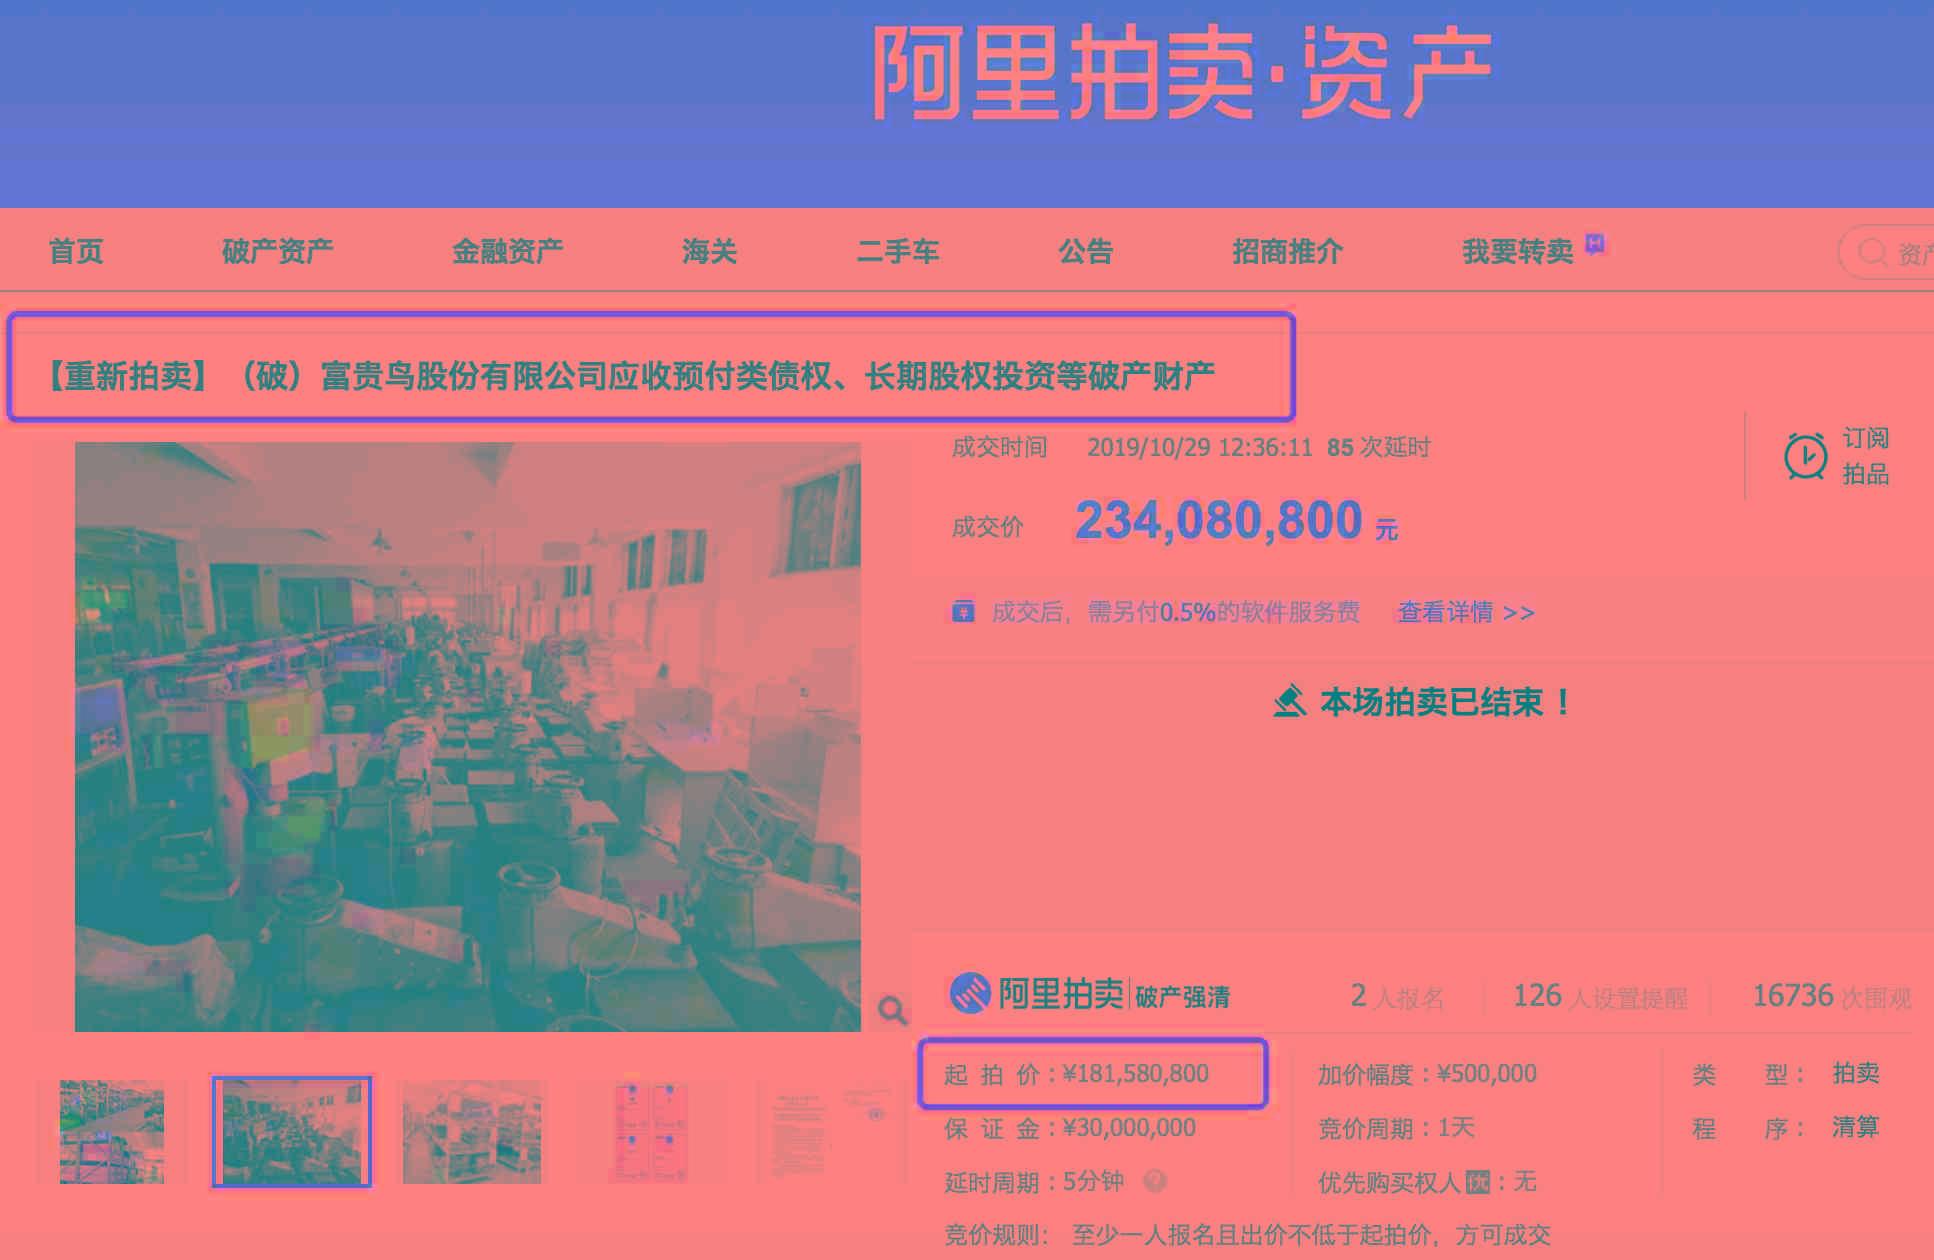 """昔日""""鞋王""""富贵鸟破产拍卖2.34亿成交 曾两度流拍"""